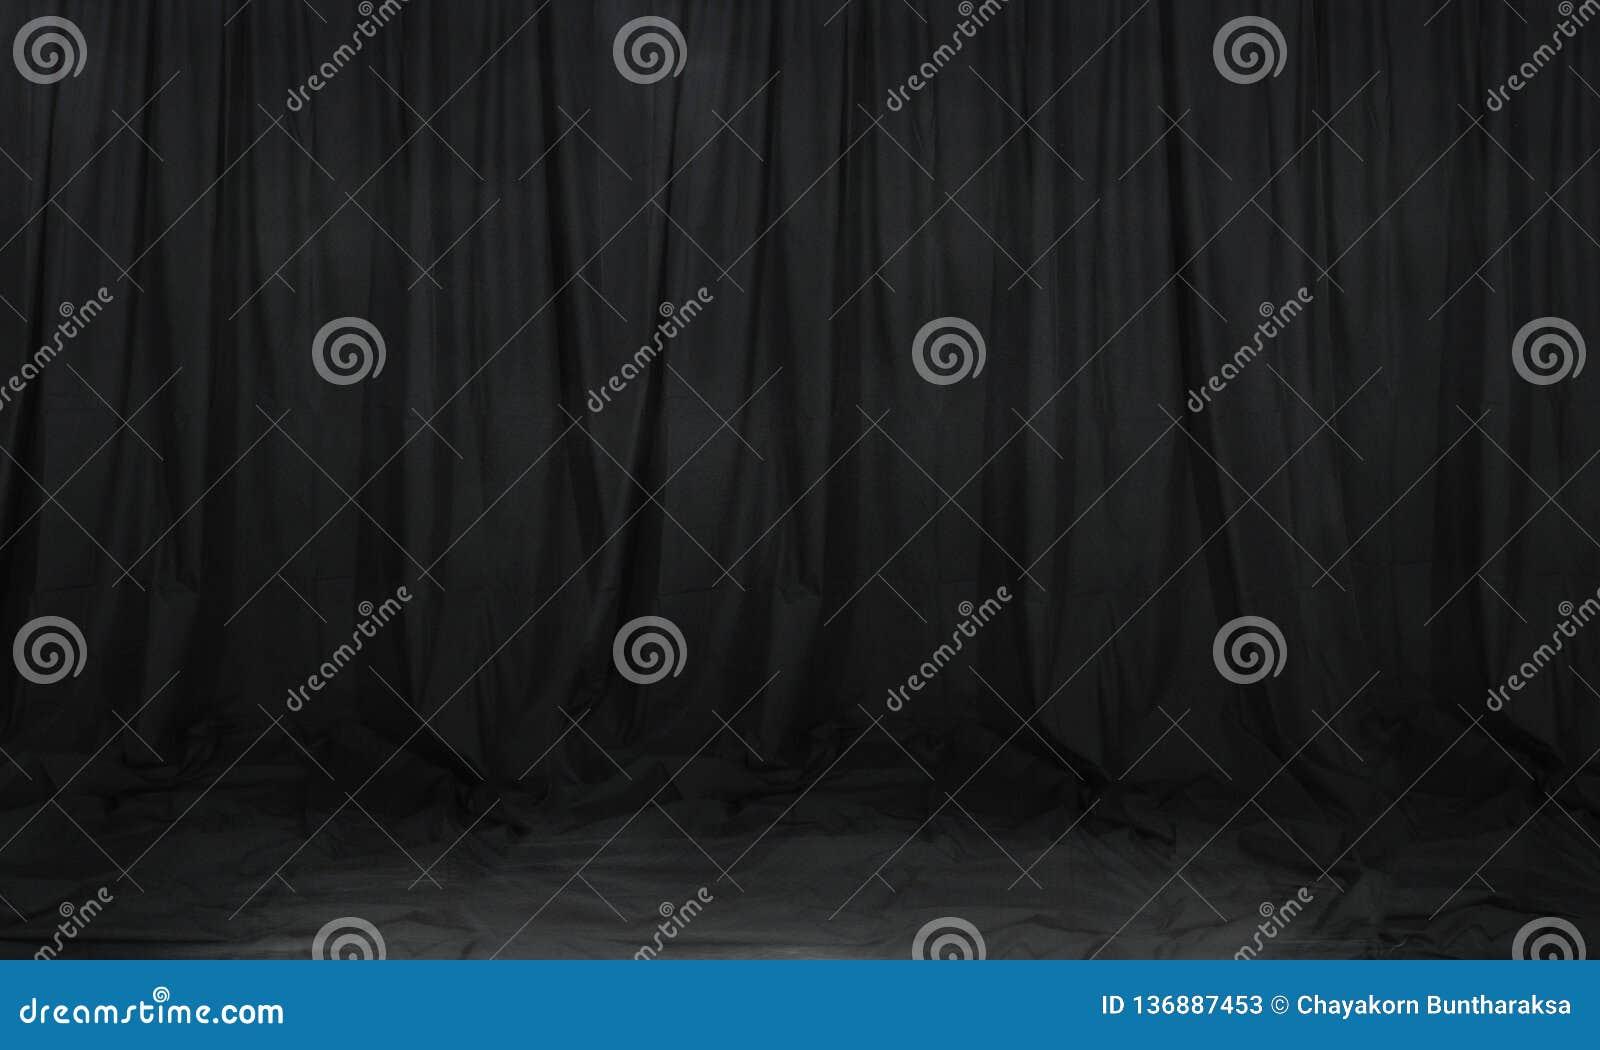 Photo Backdrop Background Studio Photography Stock Image Image Of Canvas Design 136887453